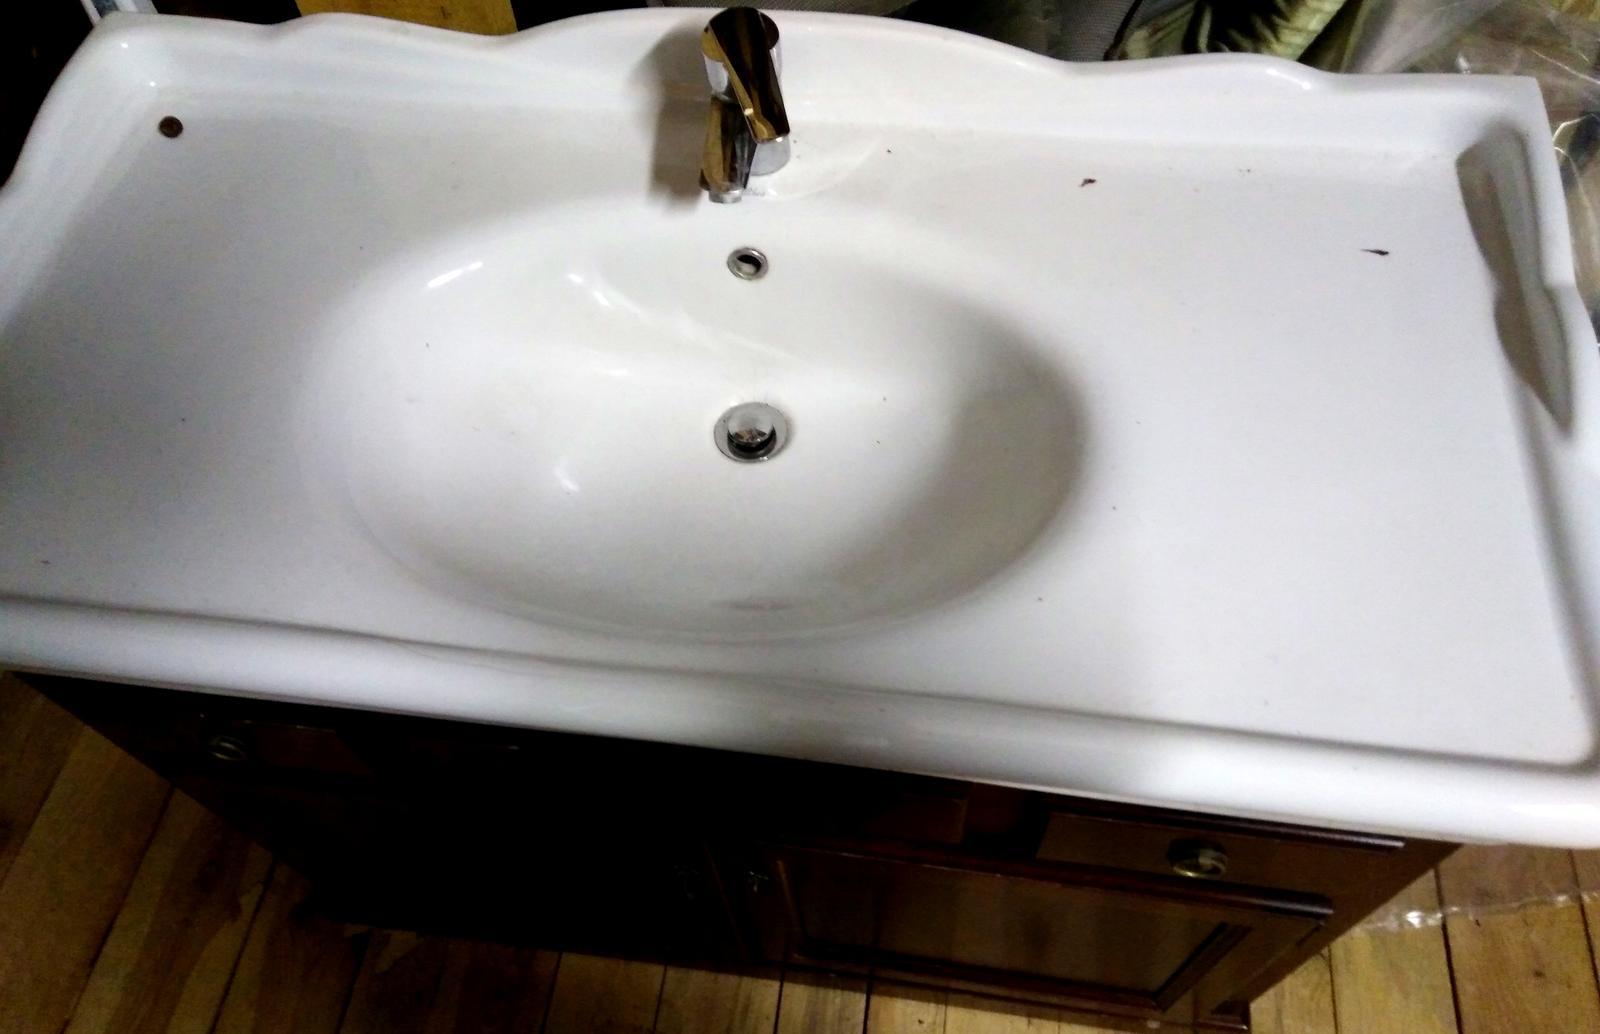 Skrinka s umývadlom - Obrázok č. 2